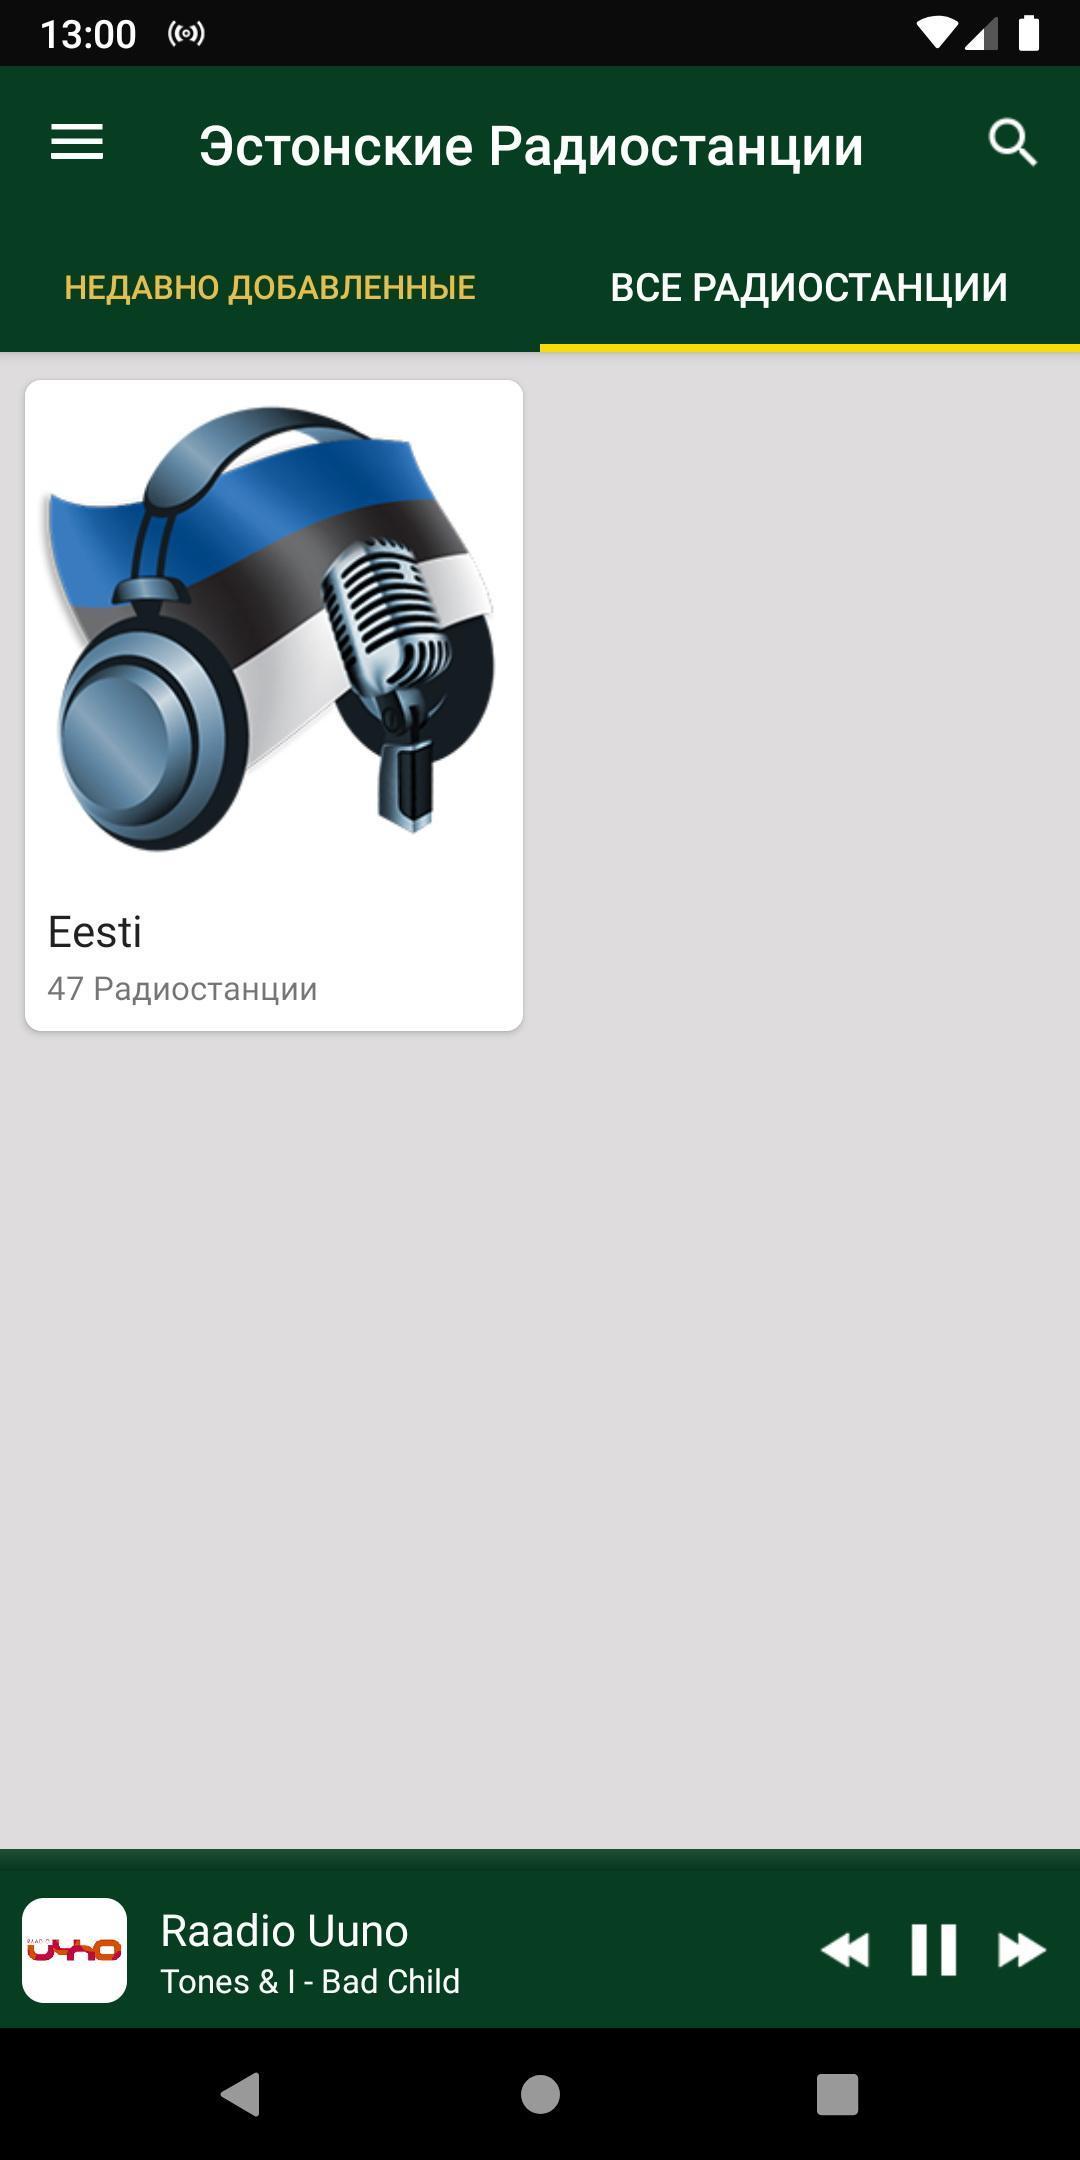 приложение радиостанции apk